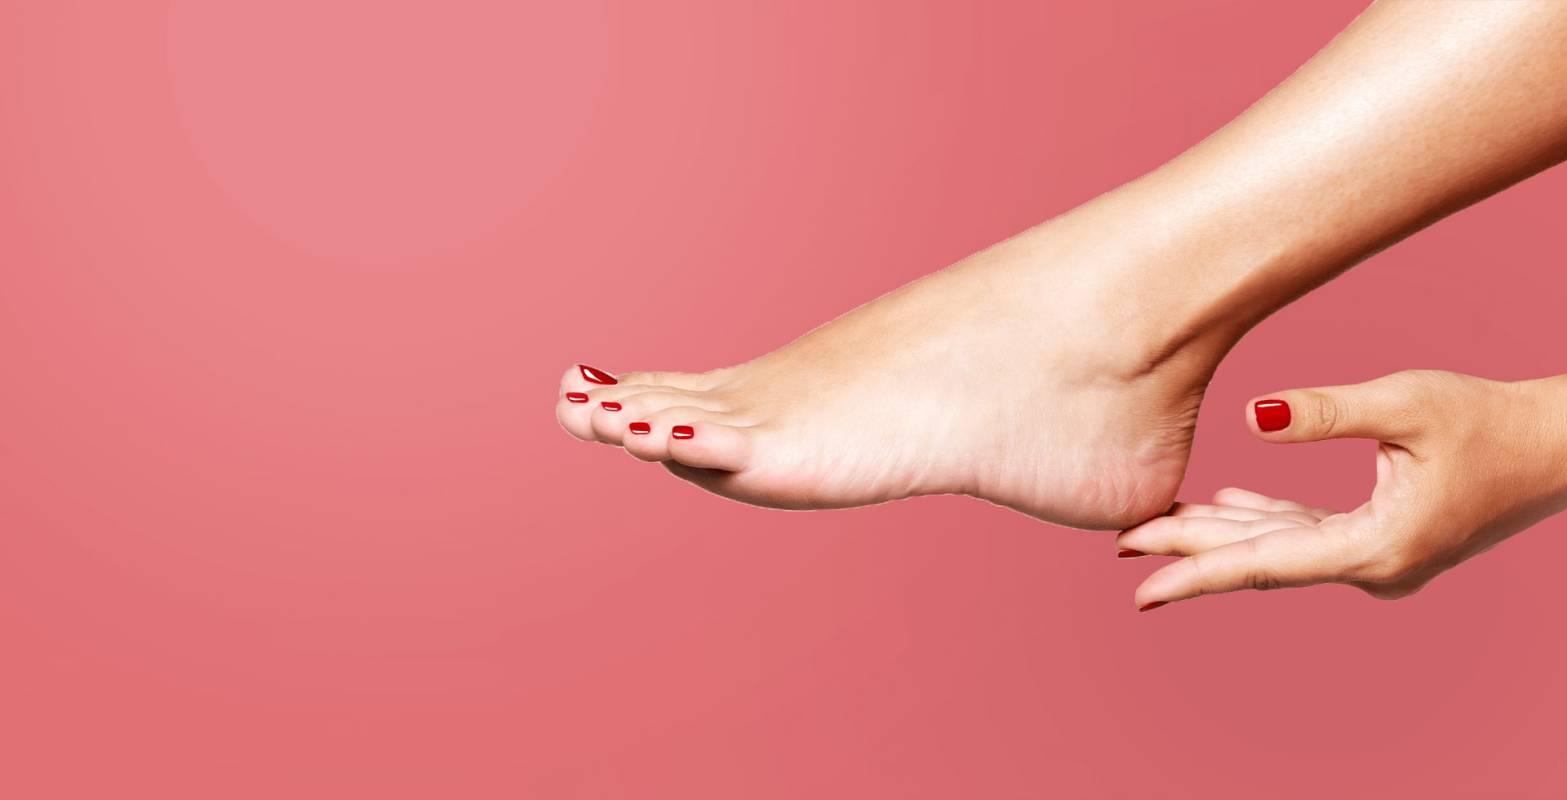 Красное покрытие ногтей на руках и ногах